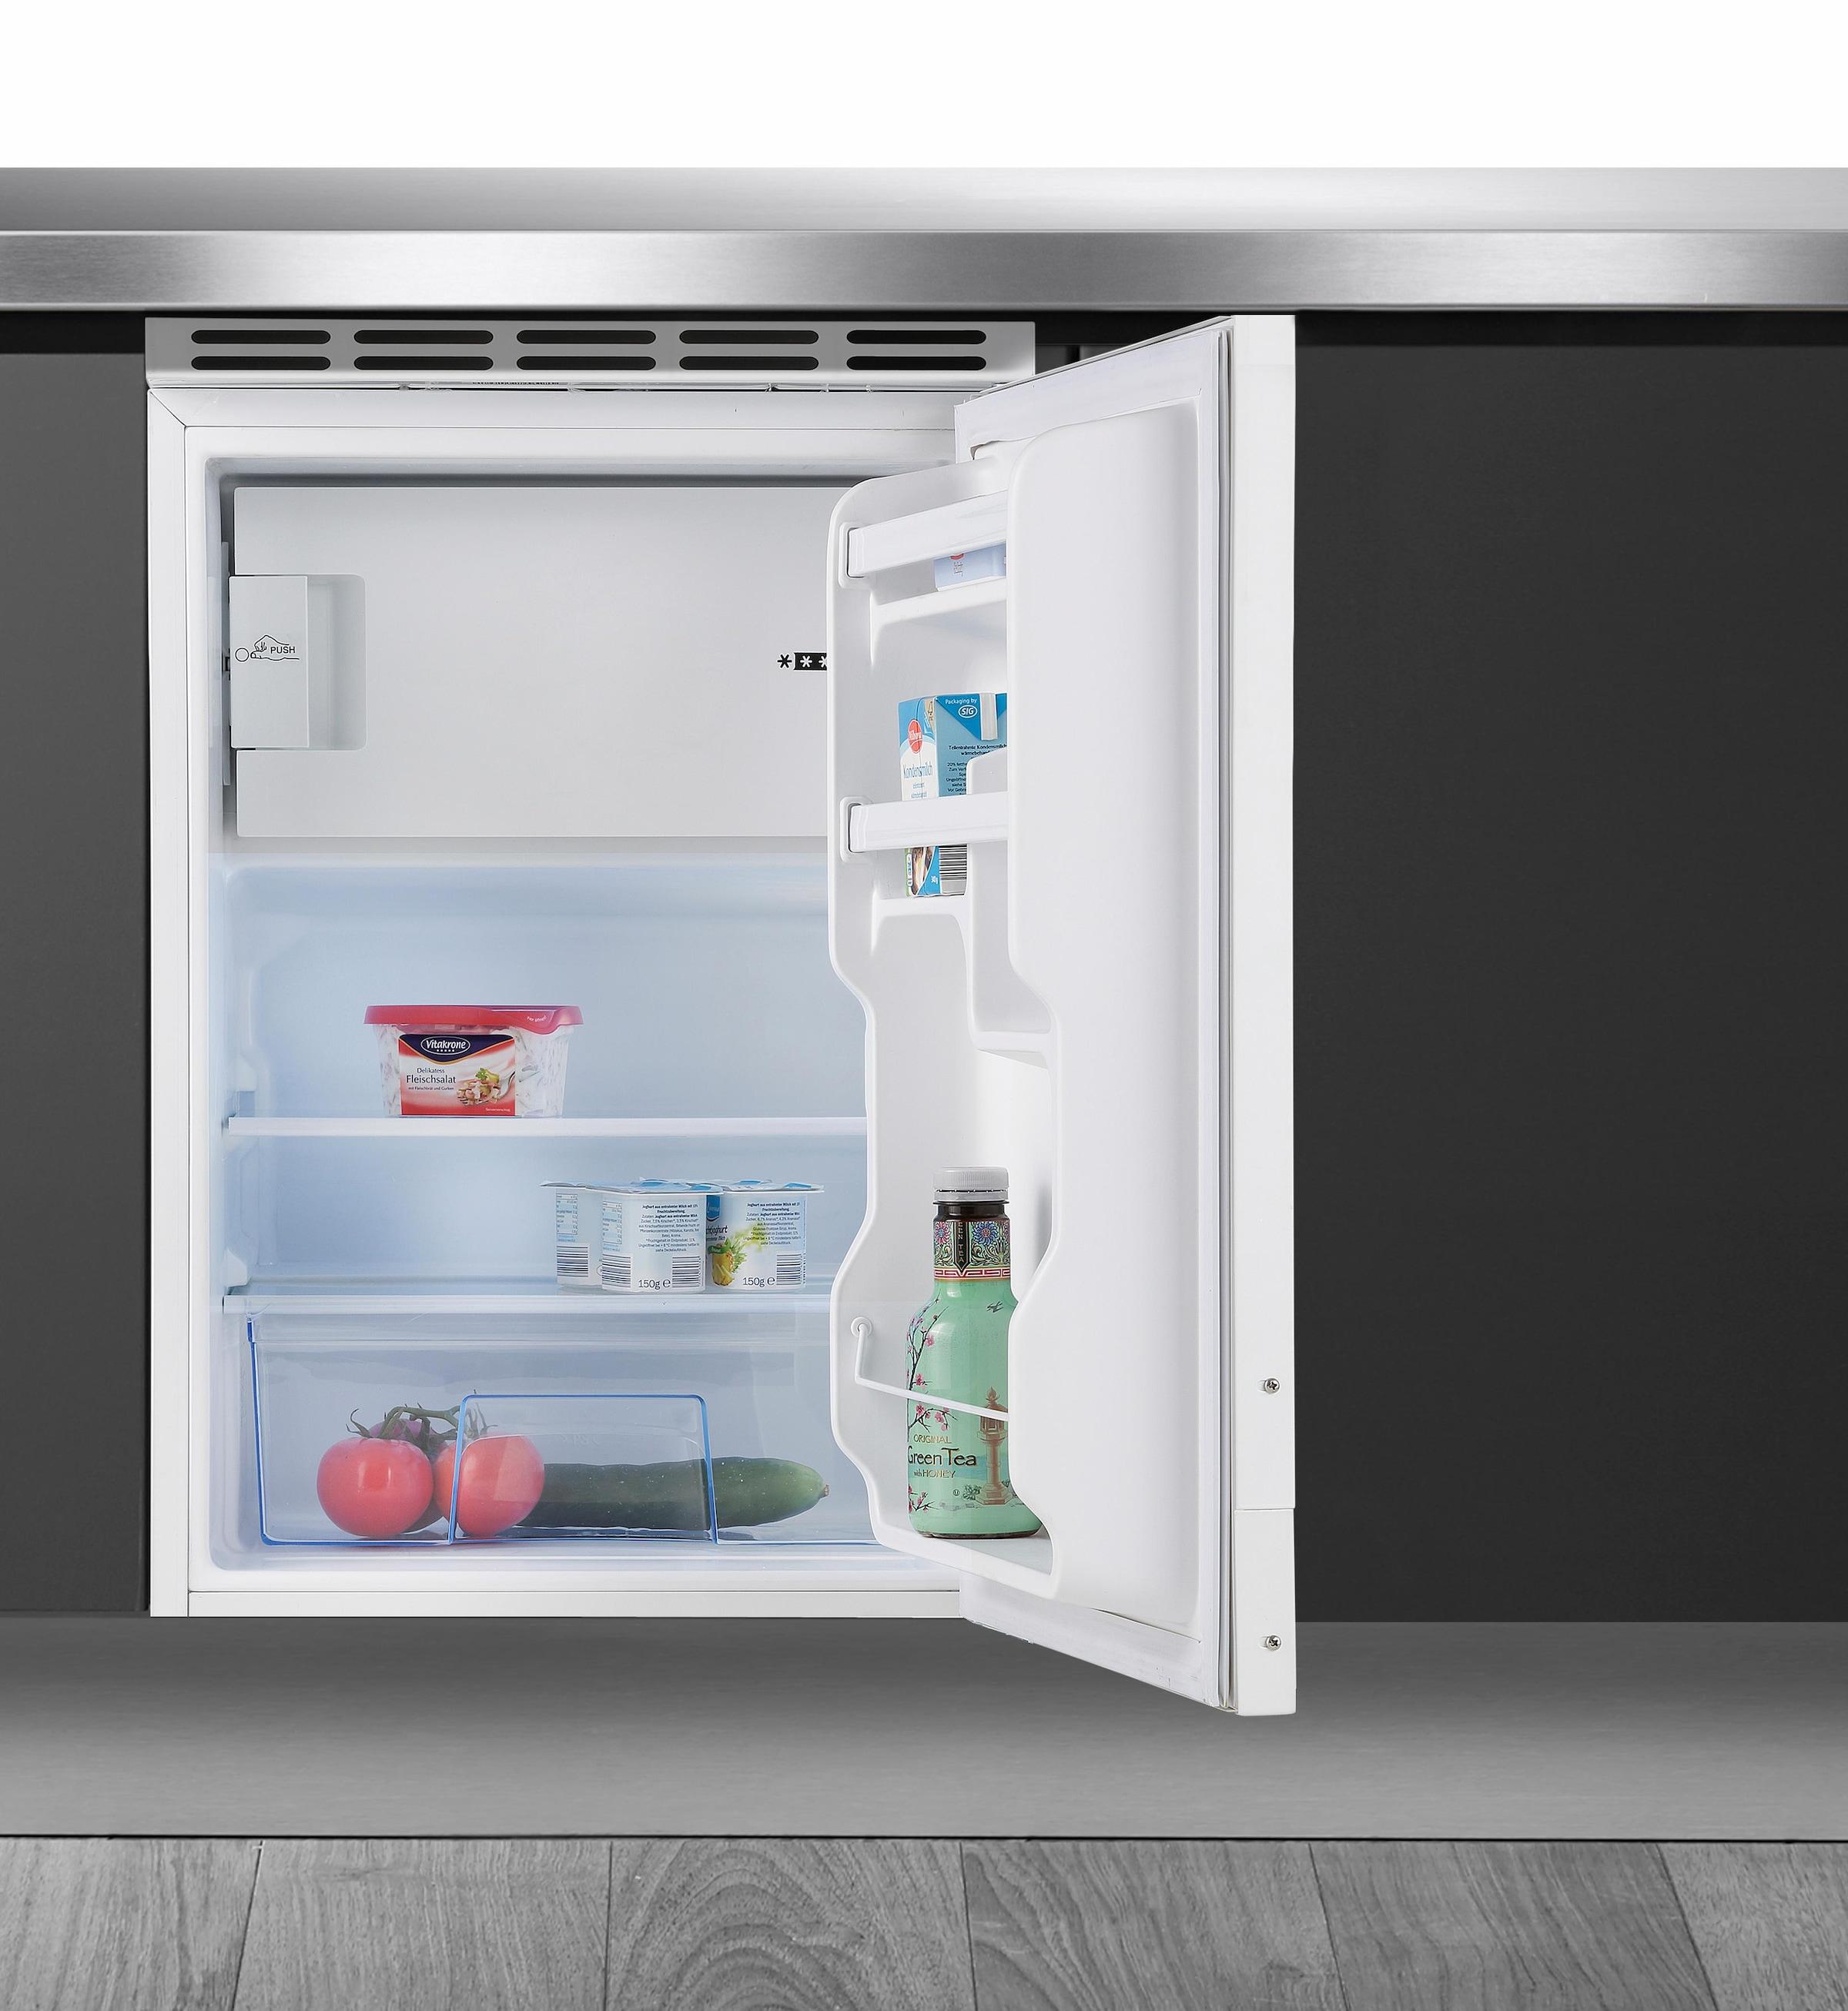 Amica Unterbau Kühlschrank 50 Cm : Amica einbaukühlschrank cm hoch cm breit baur